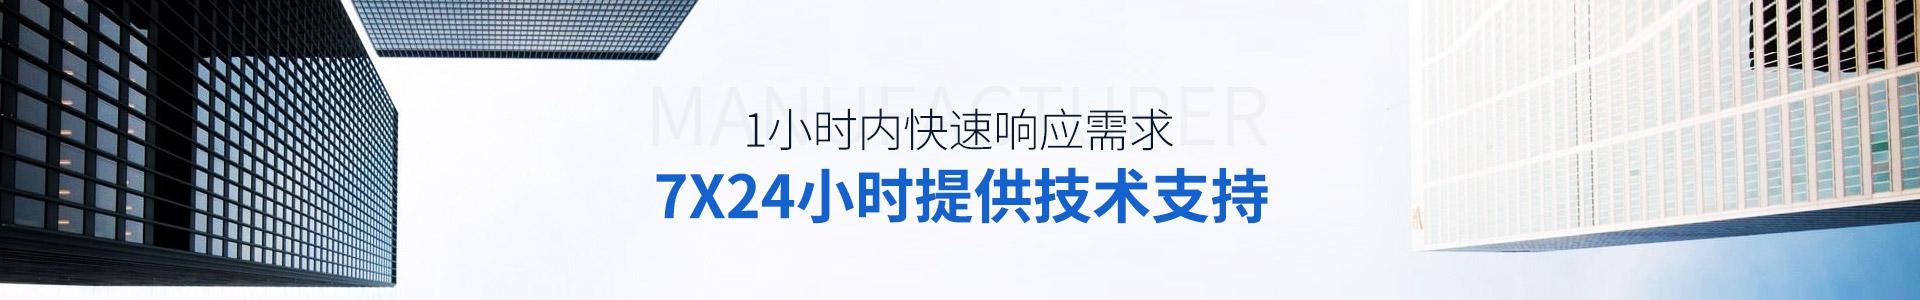 联乐实业-7X24小时提供技术支持,1小时内快速响应需求